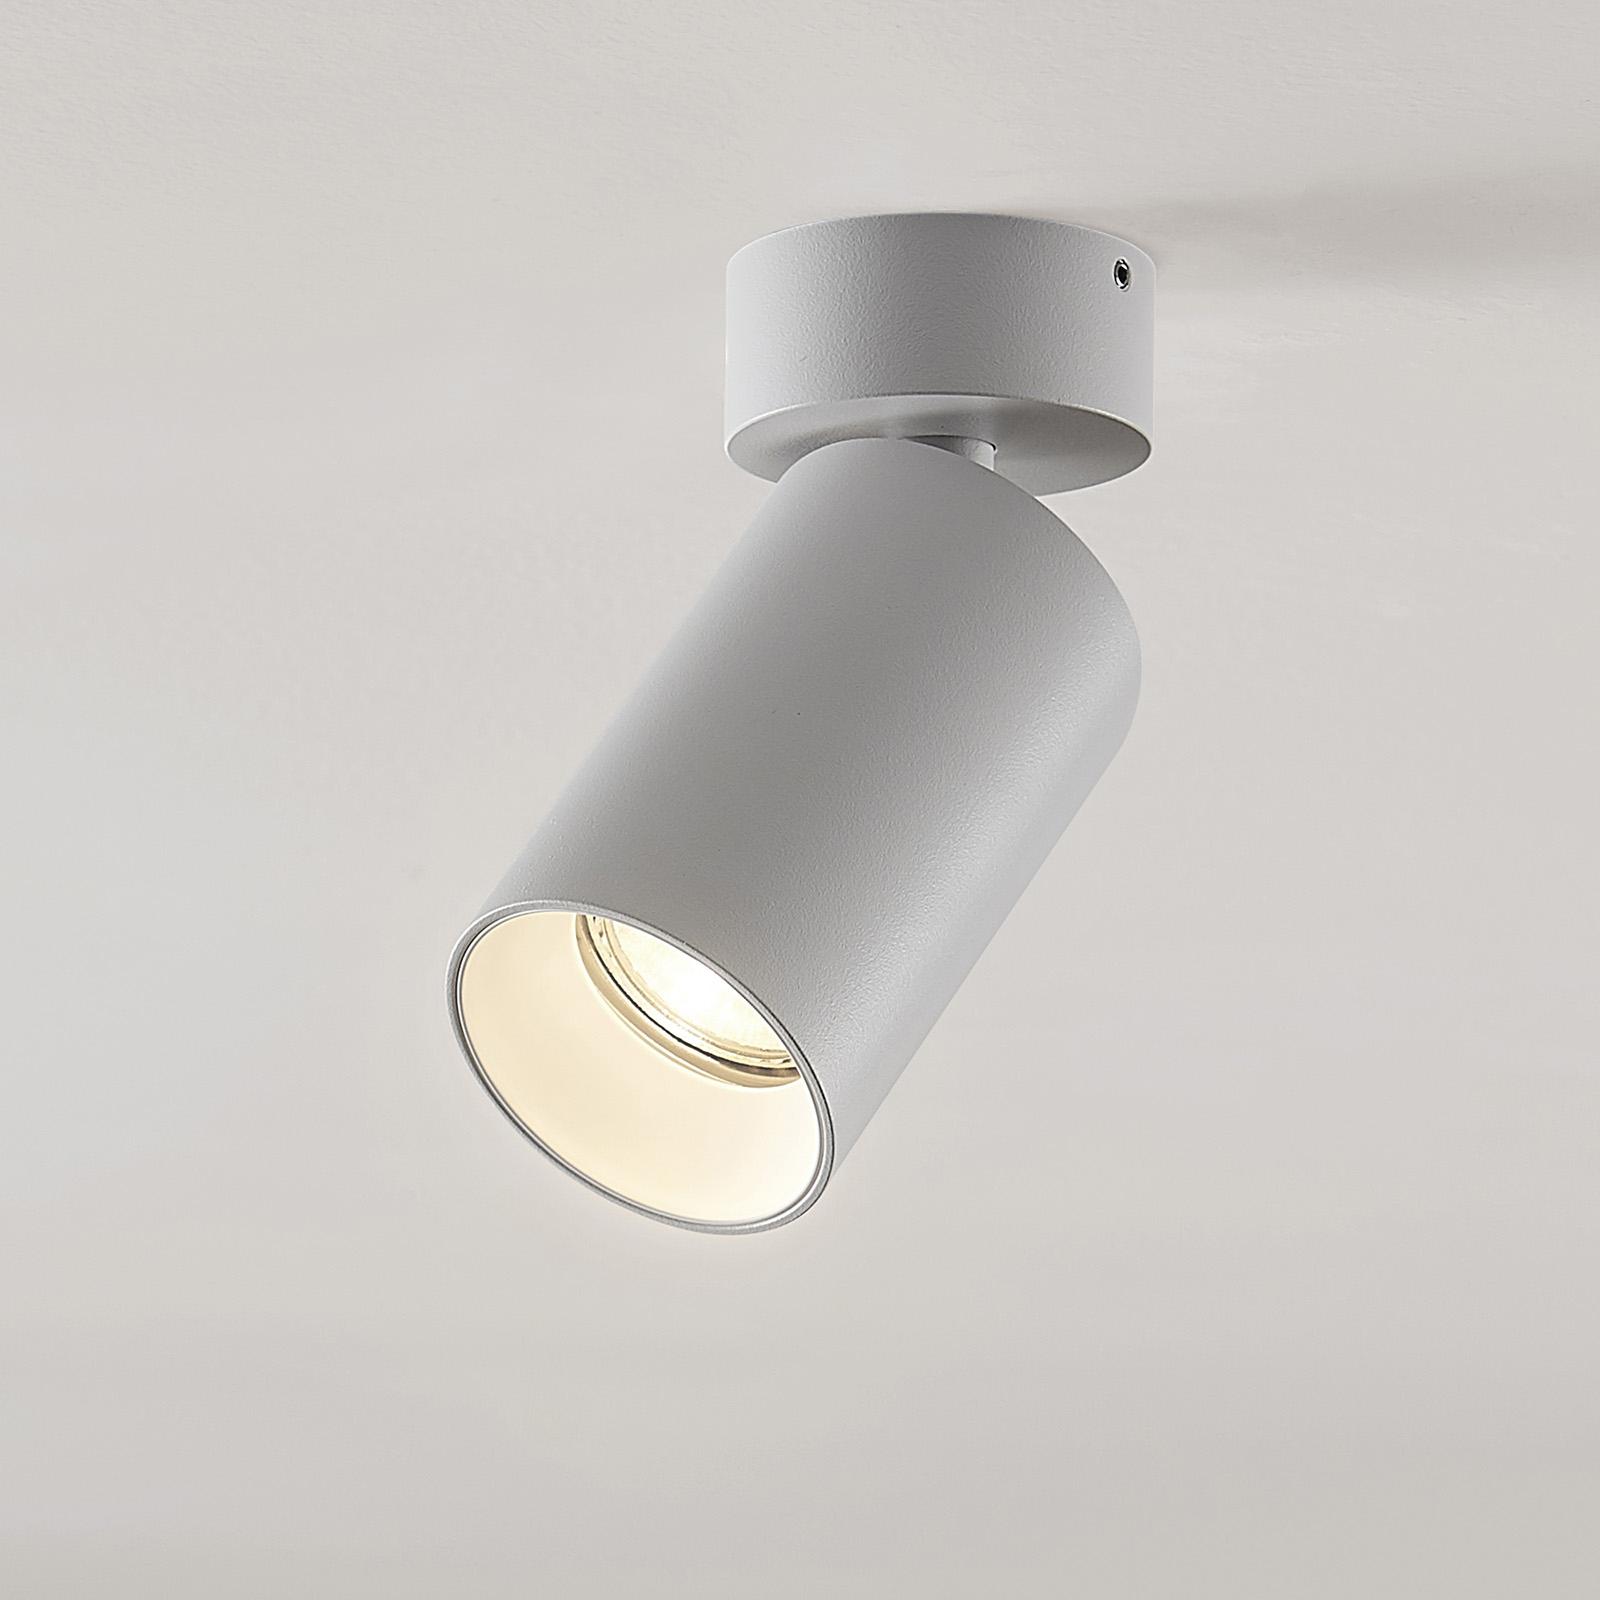 Kohdevalo Brinja GU10 valkoinen 1 lamppu pyöreä